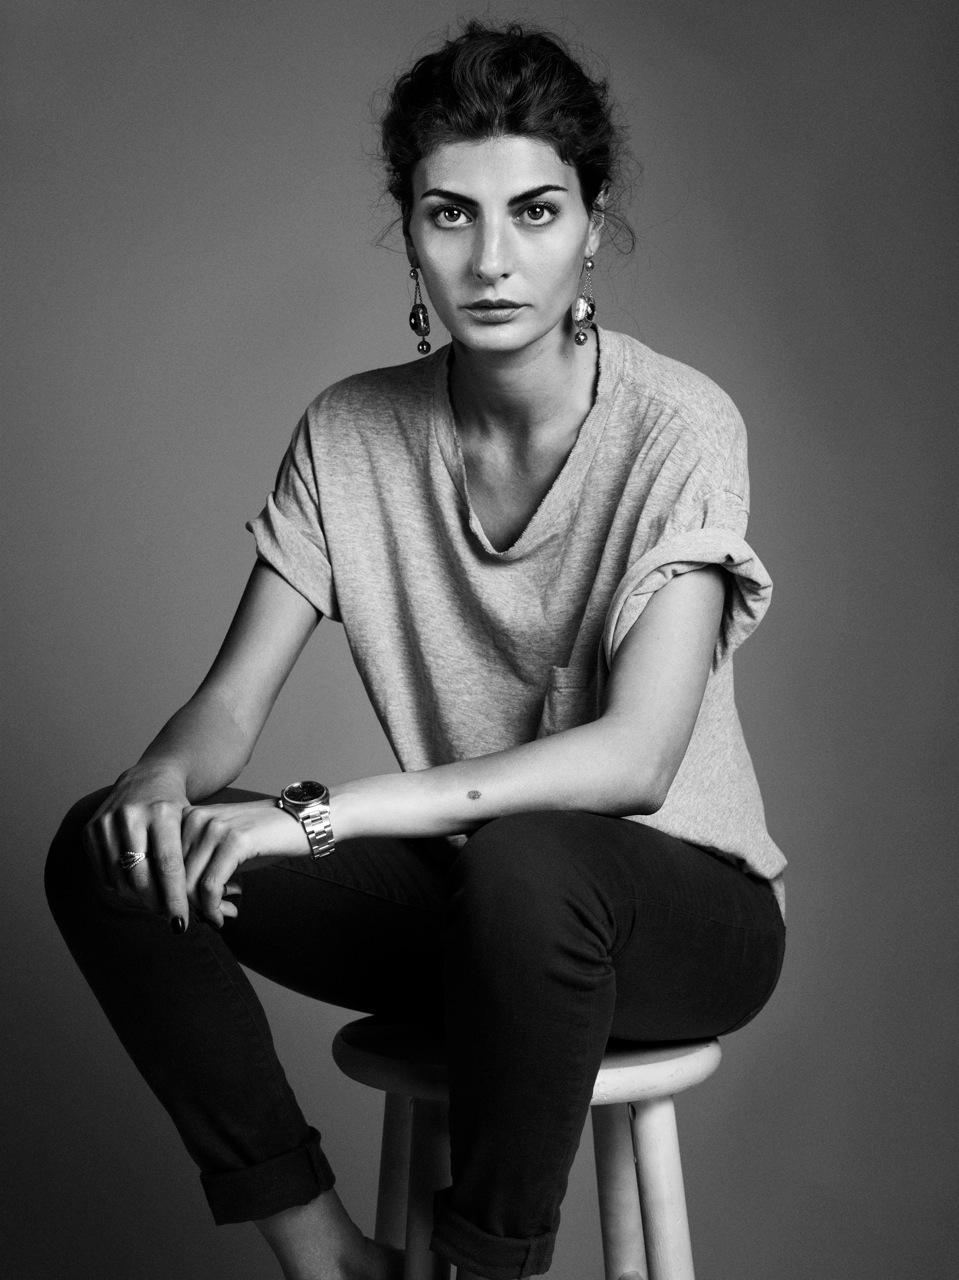 Giovanna-Battaglia-About